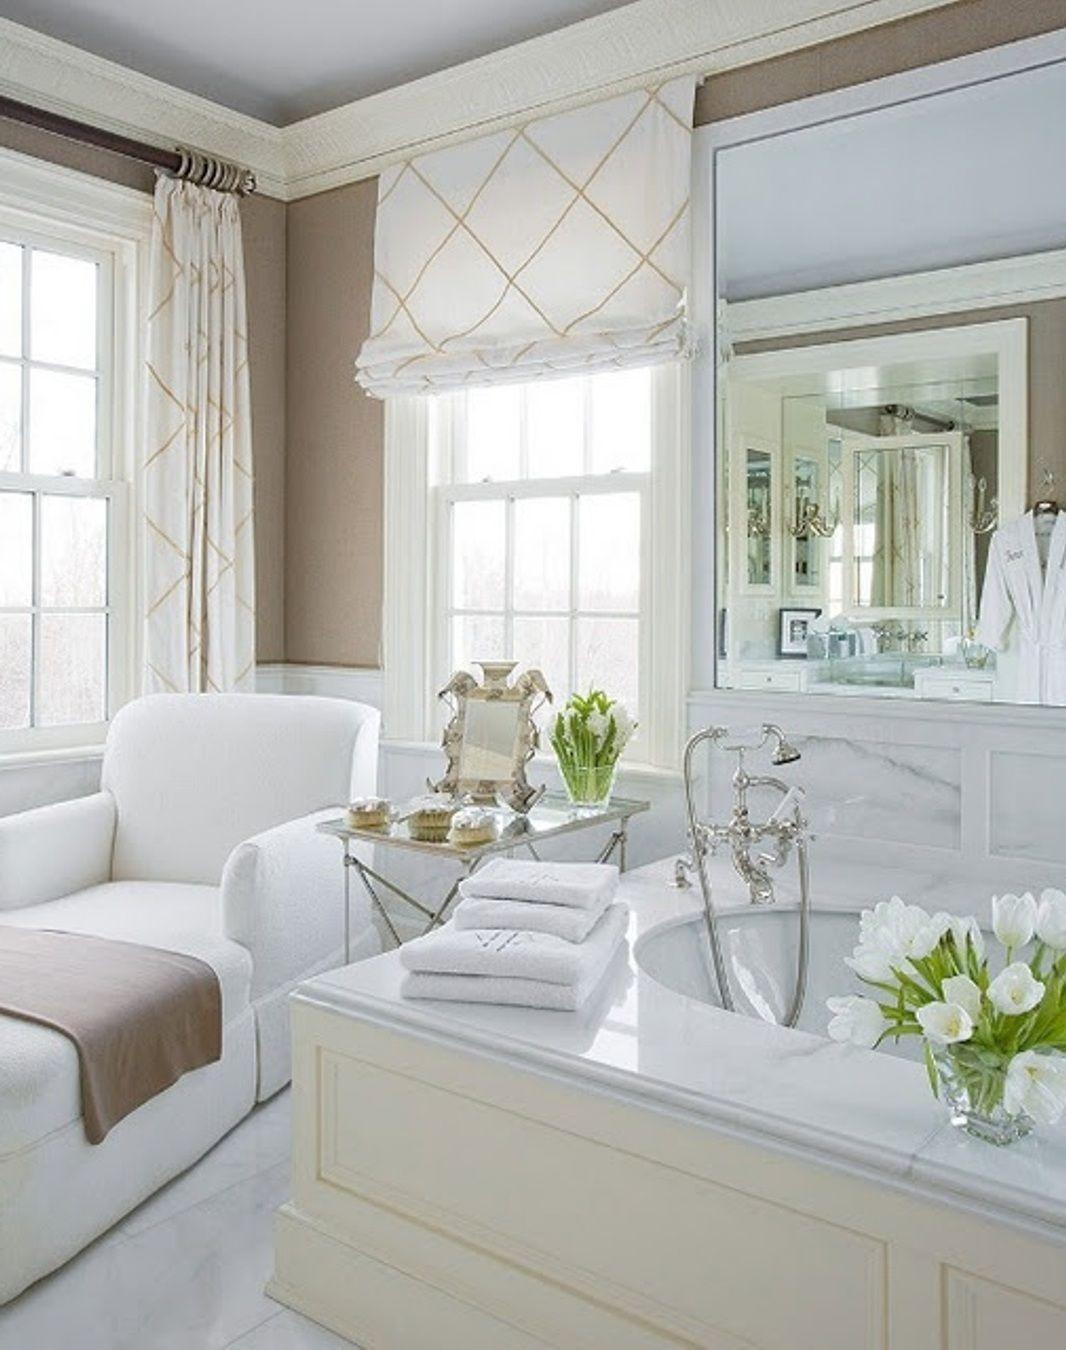 Bathroom Window Treatments Stunning Bathroom Window Treatments ...